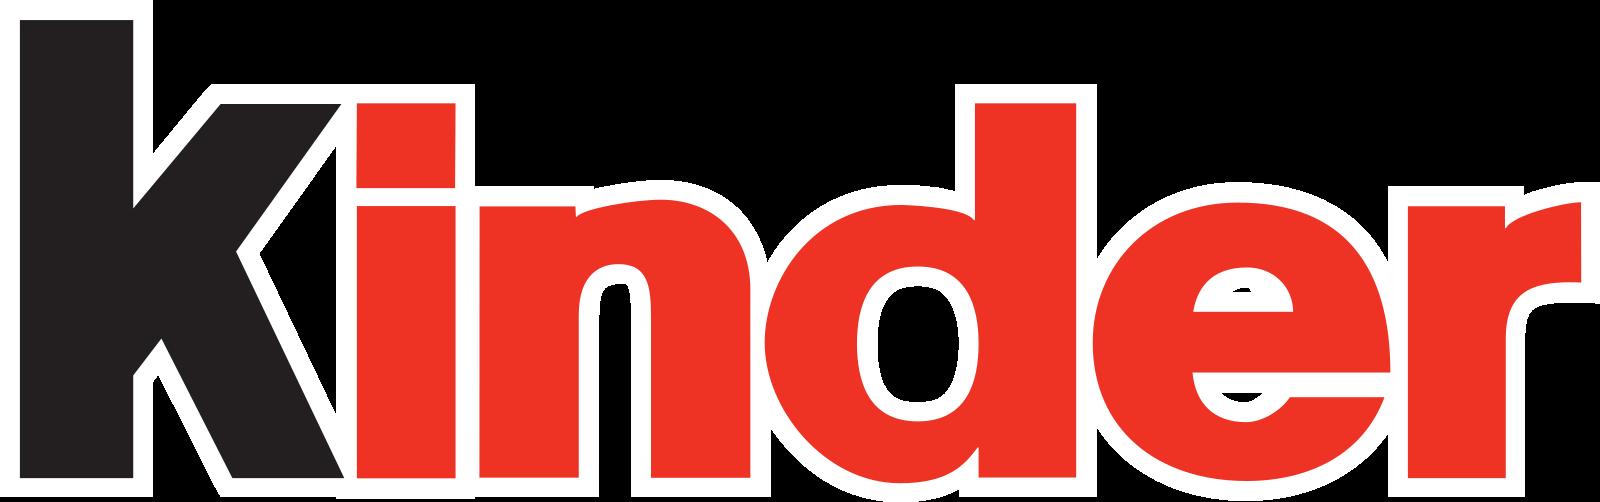 kinder logo 2 - Kinder Logo